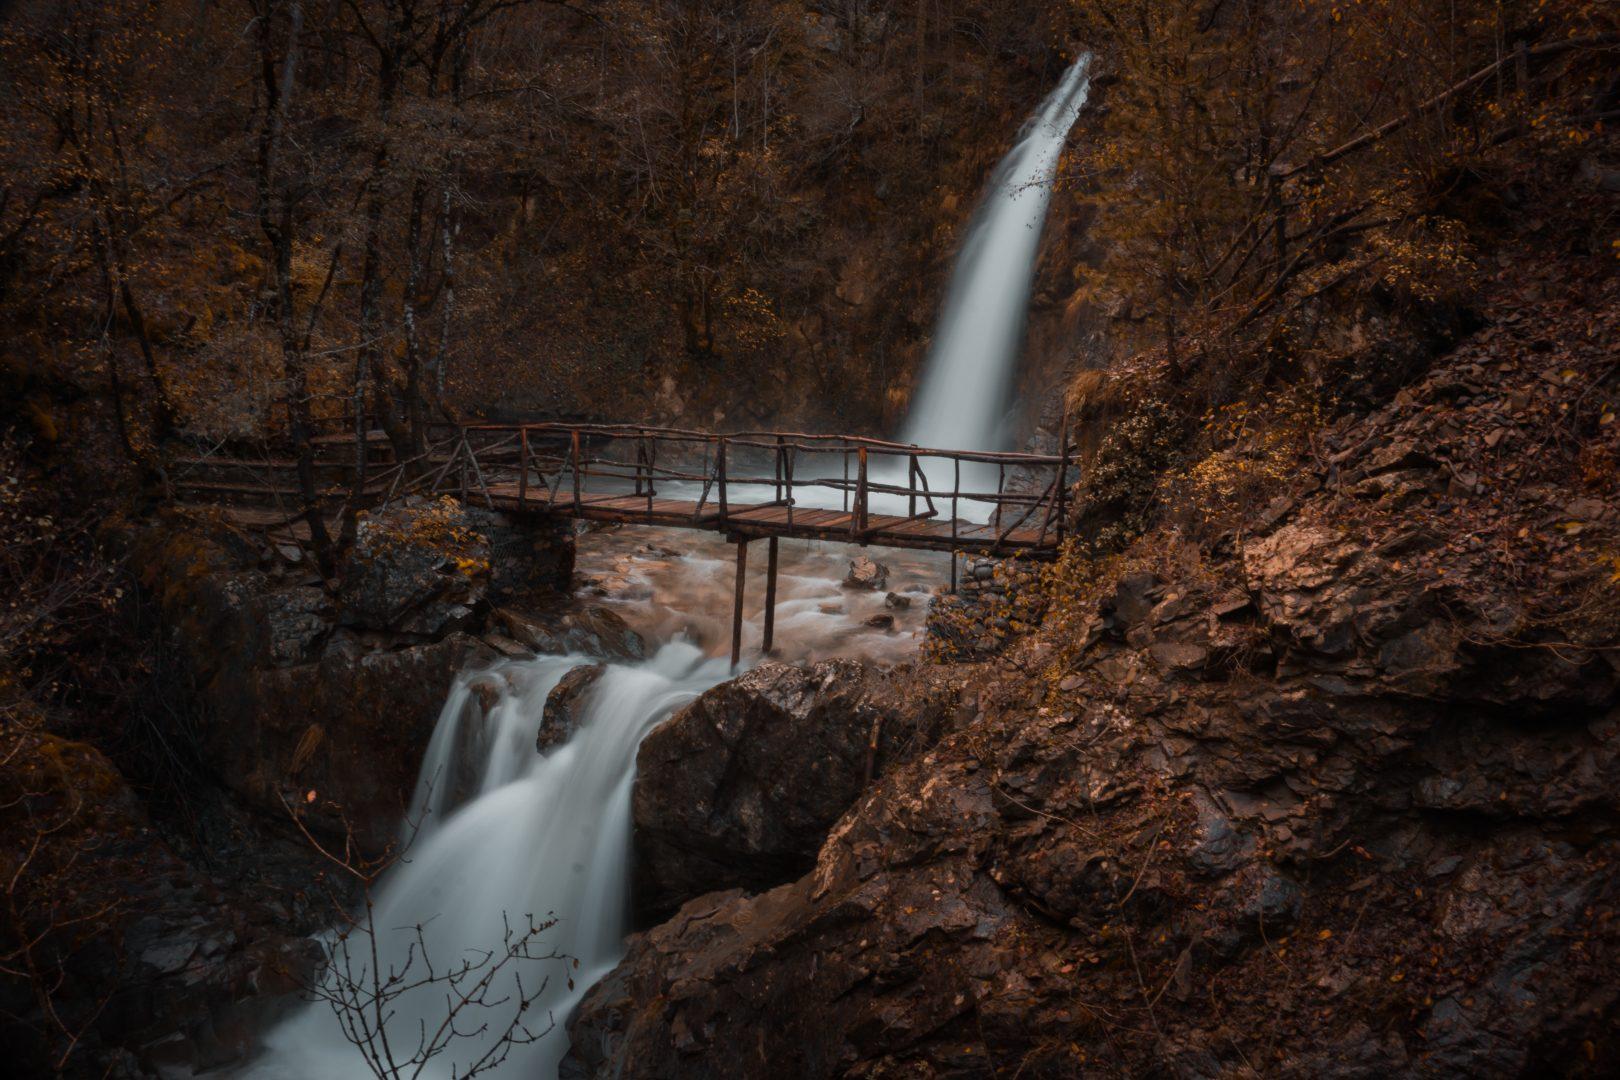 wooden bridge over flowing water